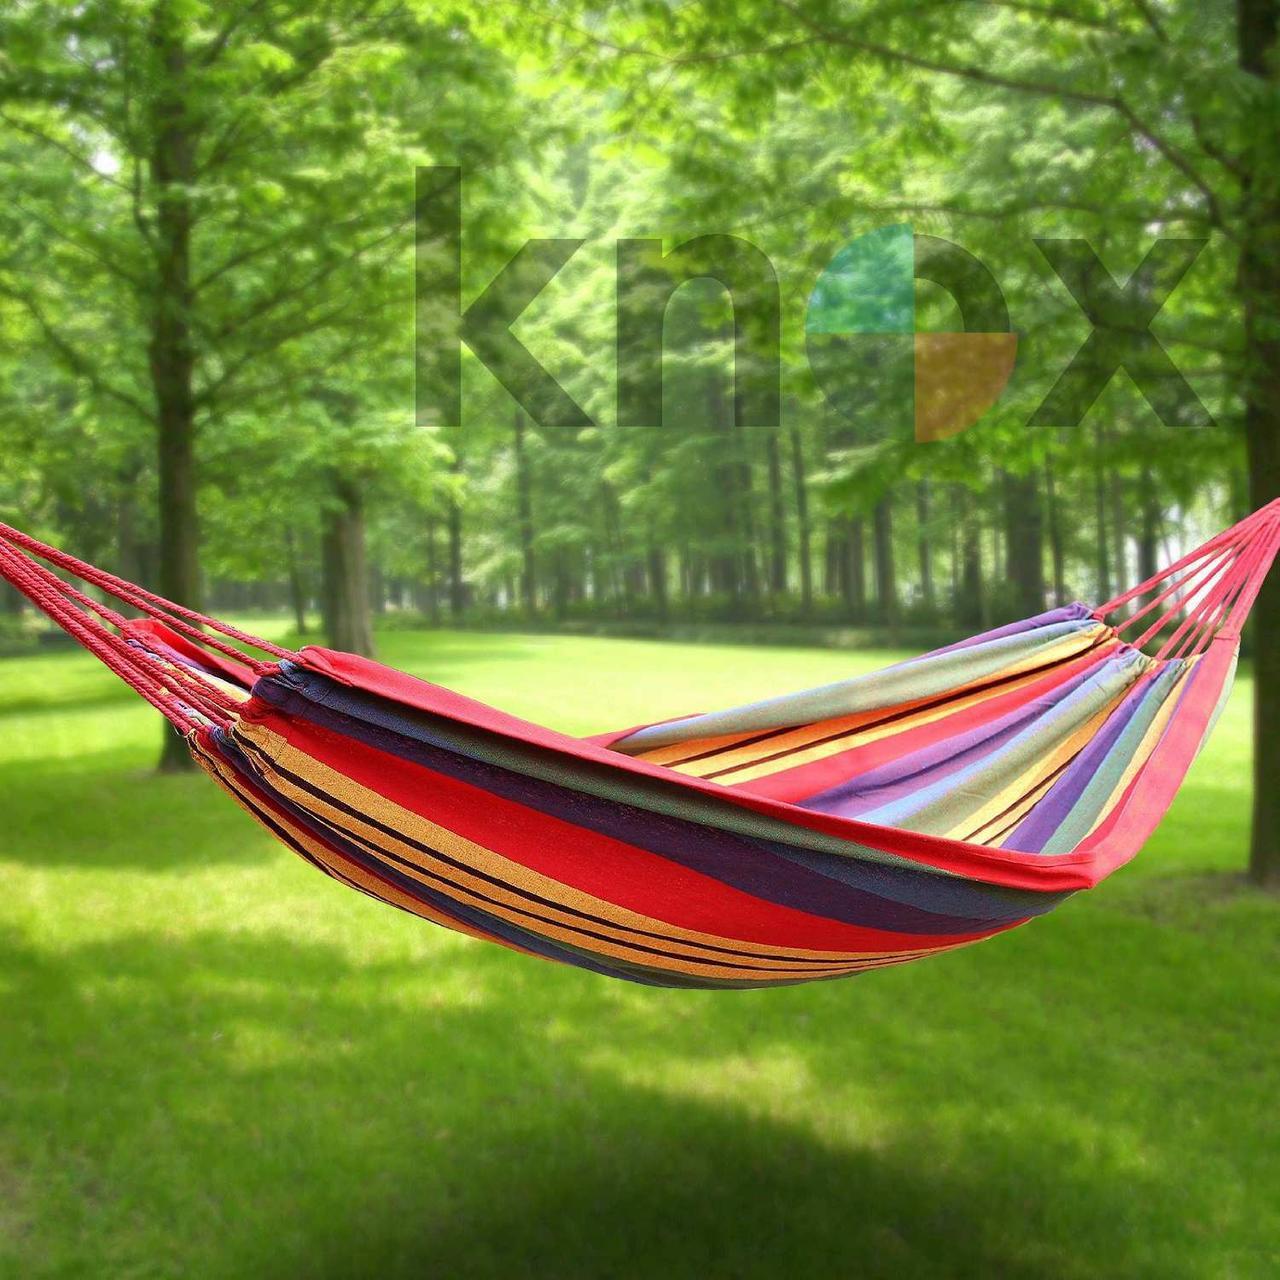 Гамак подвесной для отдыха тканевый Mexikan Hammock (Разноцветный)